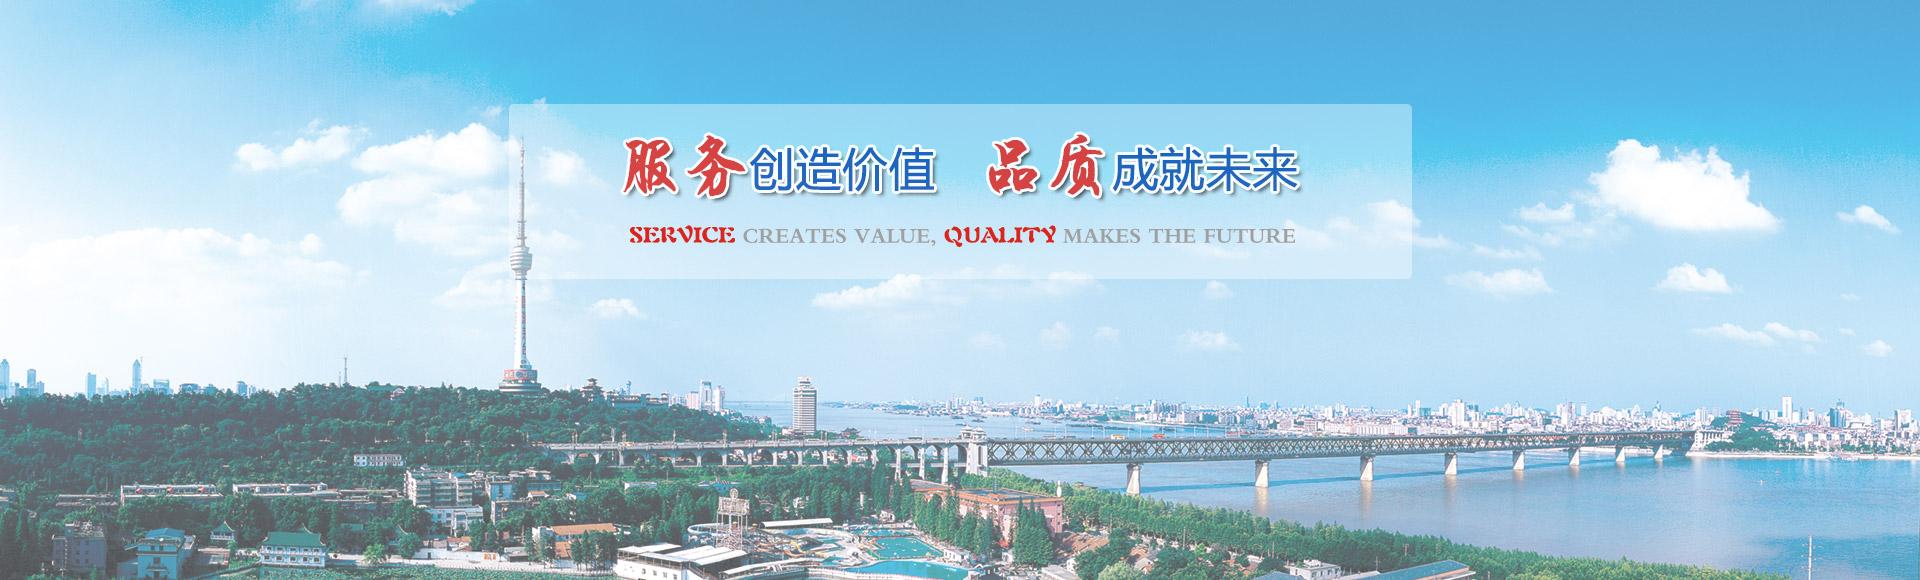 武汉物业服务